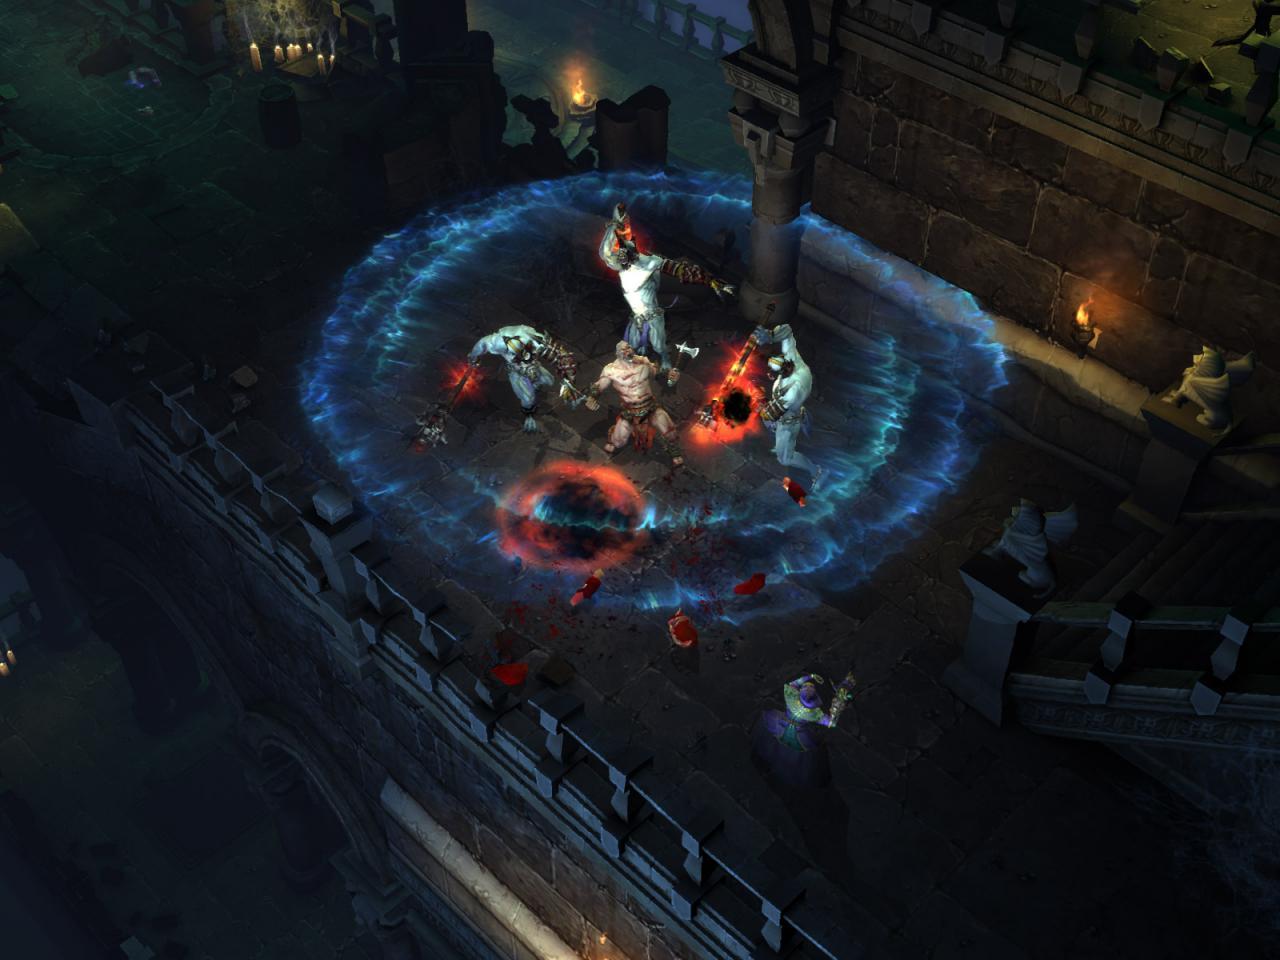 Wallpaper Diablo 3 capture ecran barbare Jeux video